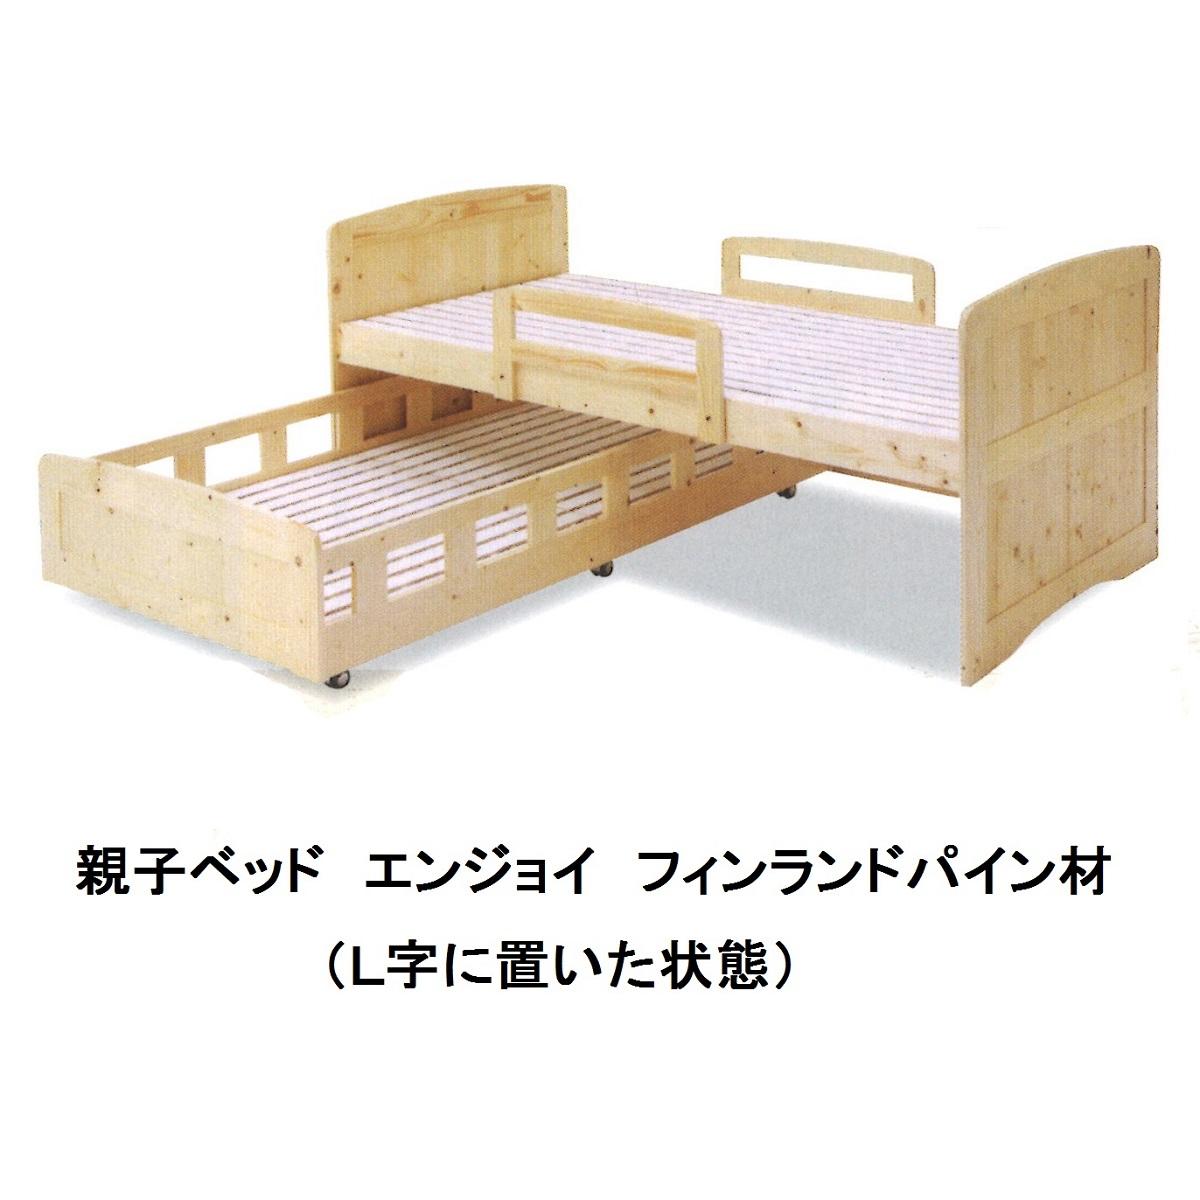 親子ベッド エンジョイナチュラル色床板:LVLスノコ材質:フィンランドパイン材小さいベッドはキャスター付送料無料(玄関前まで)北海道・沖縄・離島は除く要在庫確認(欠品の場合有り)